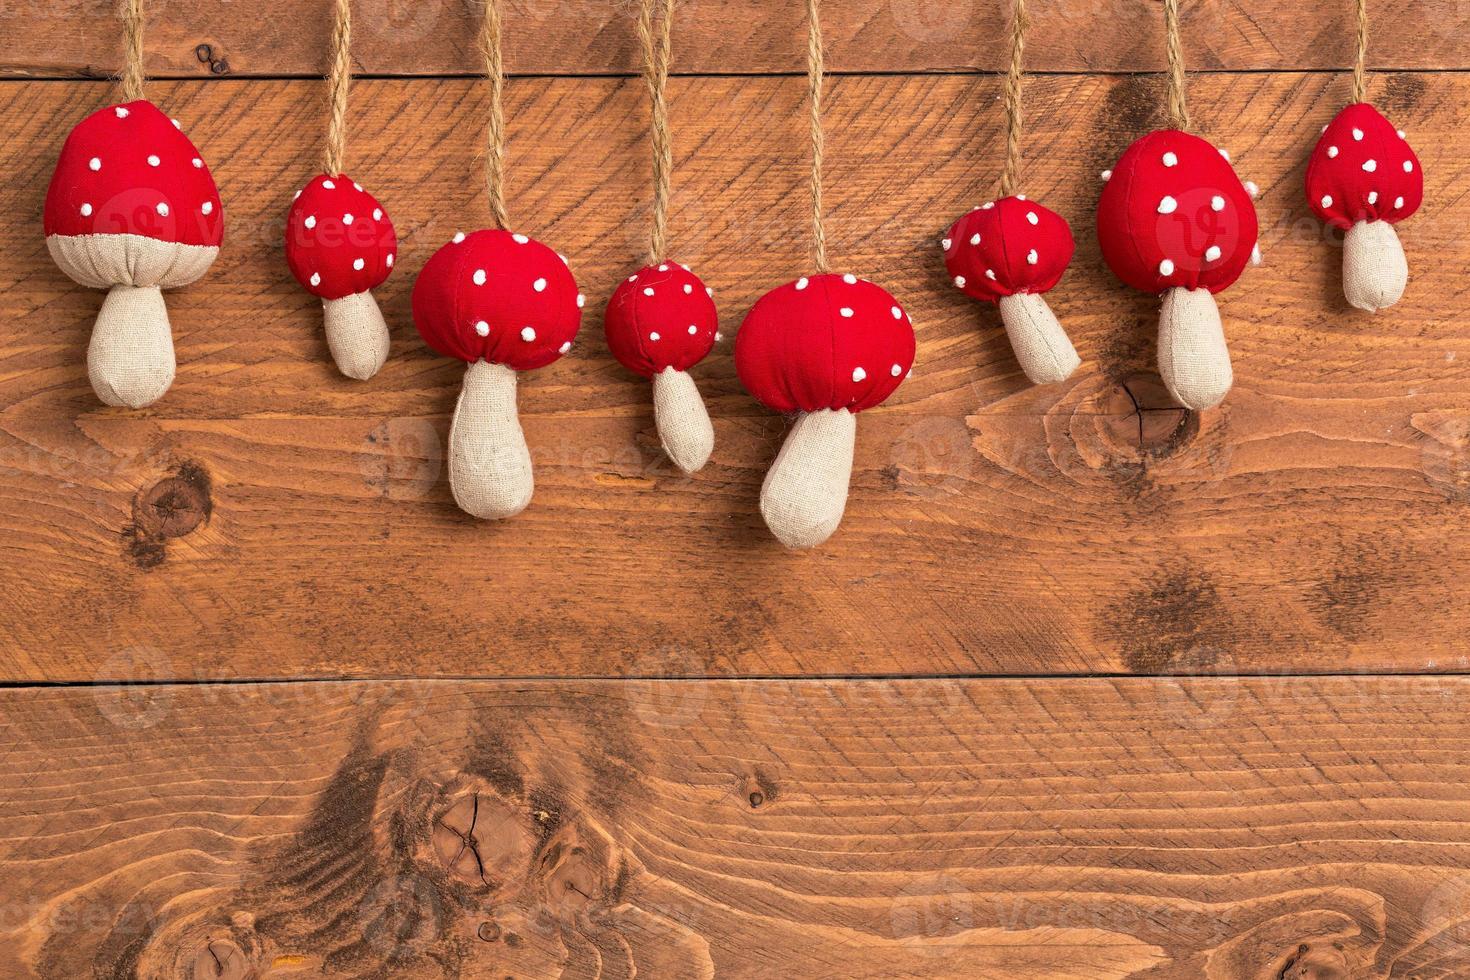 decorazioni natalizie - funghi su fondo in legno foto